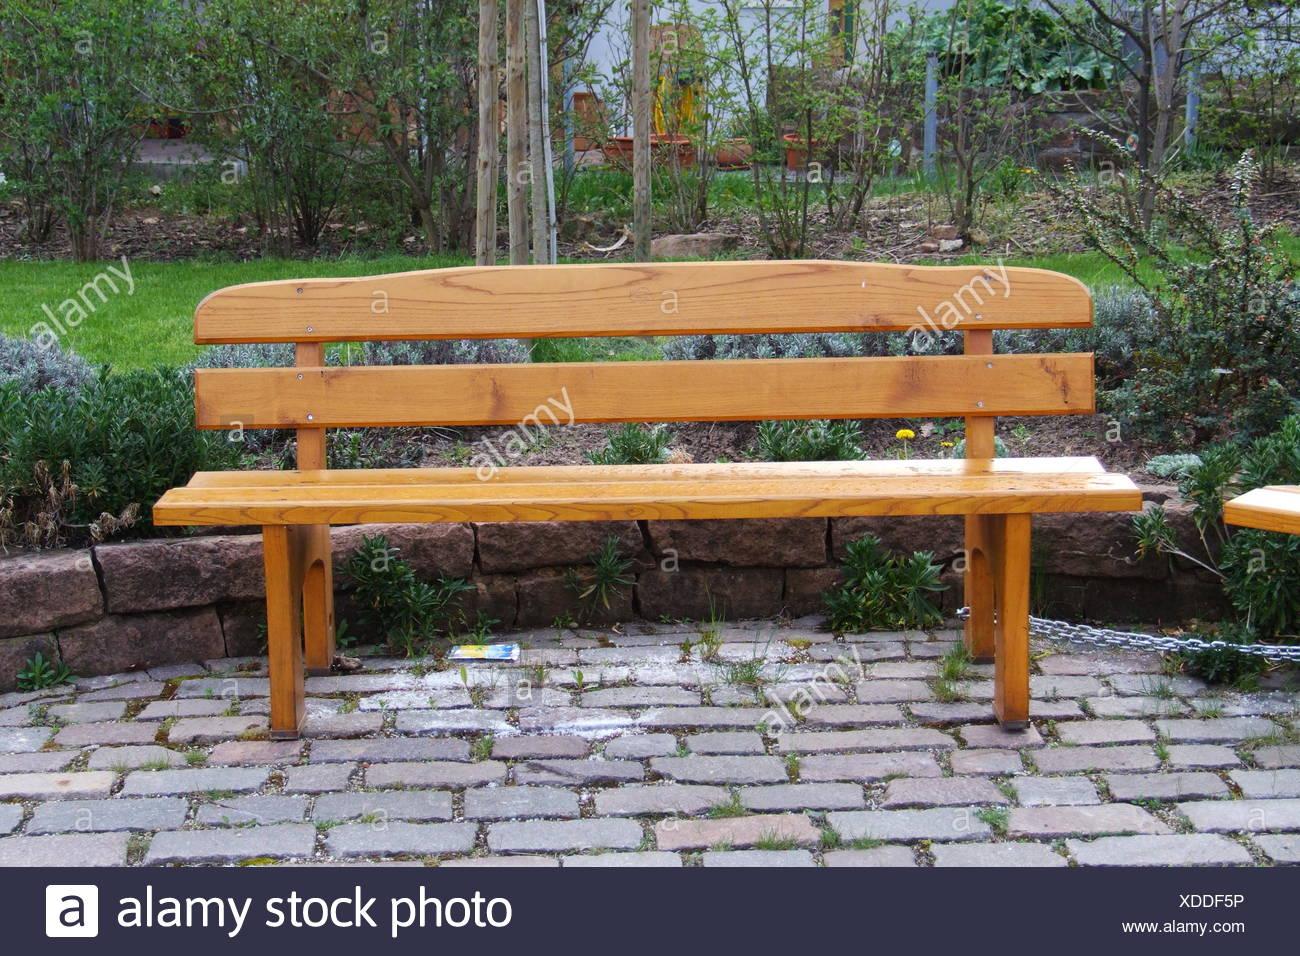 Garten Holz Leere Leere Sitzbänke Beige Garten Bank Holzbank Leer